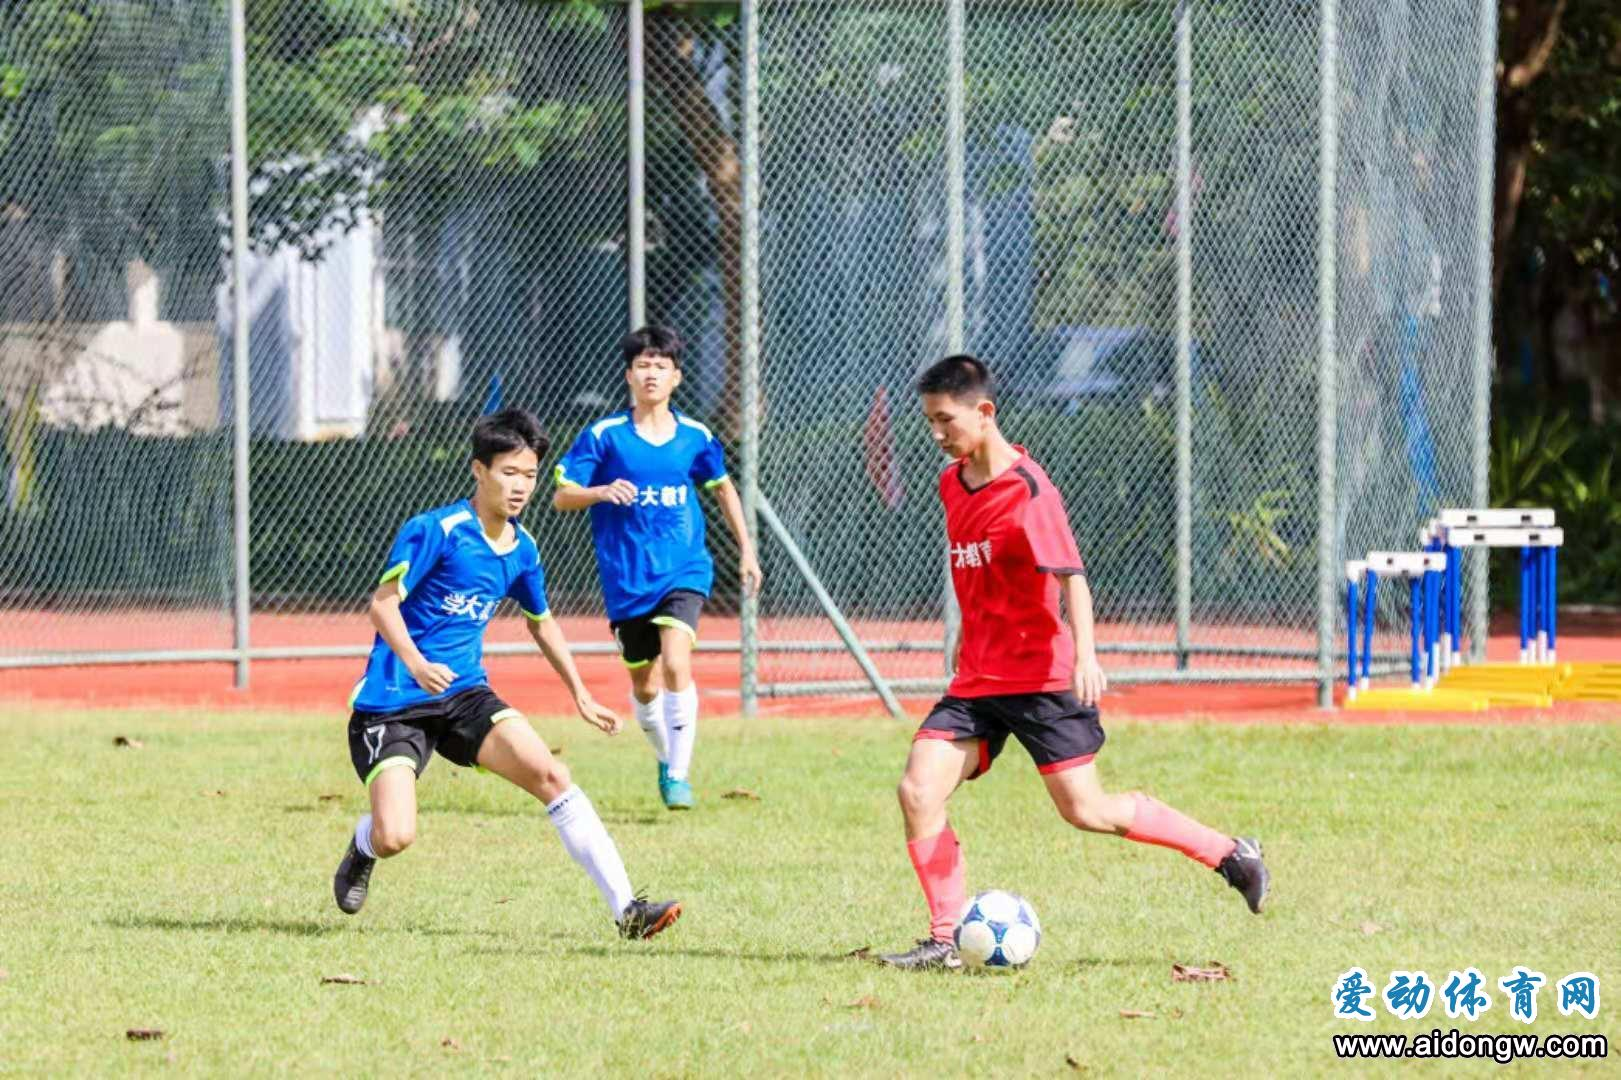 2019年海南省中学生运动会足球赛收官 嘉积二中获冠